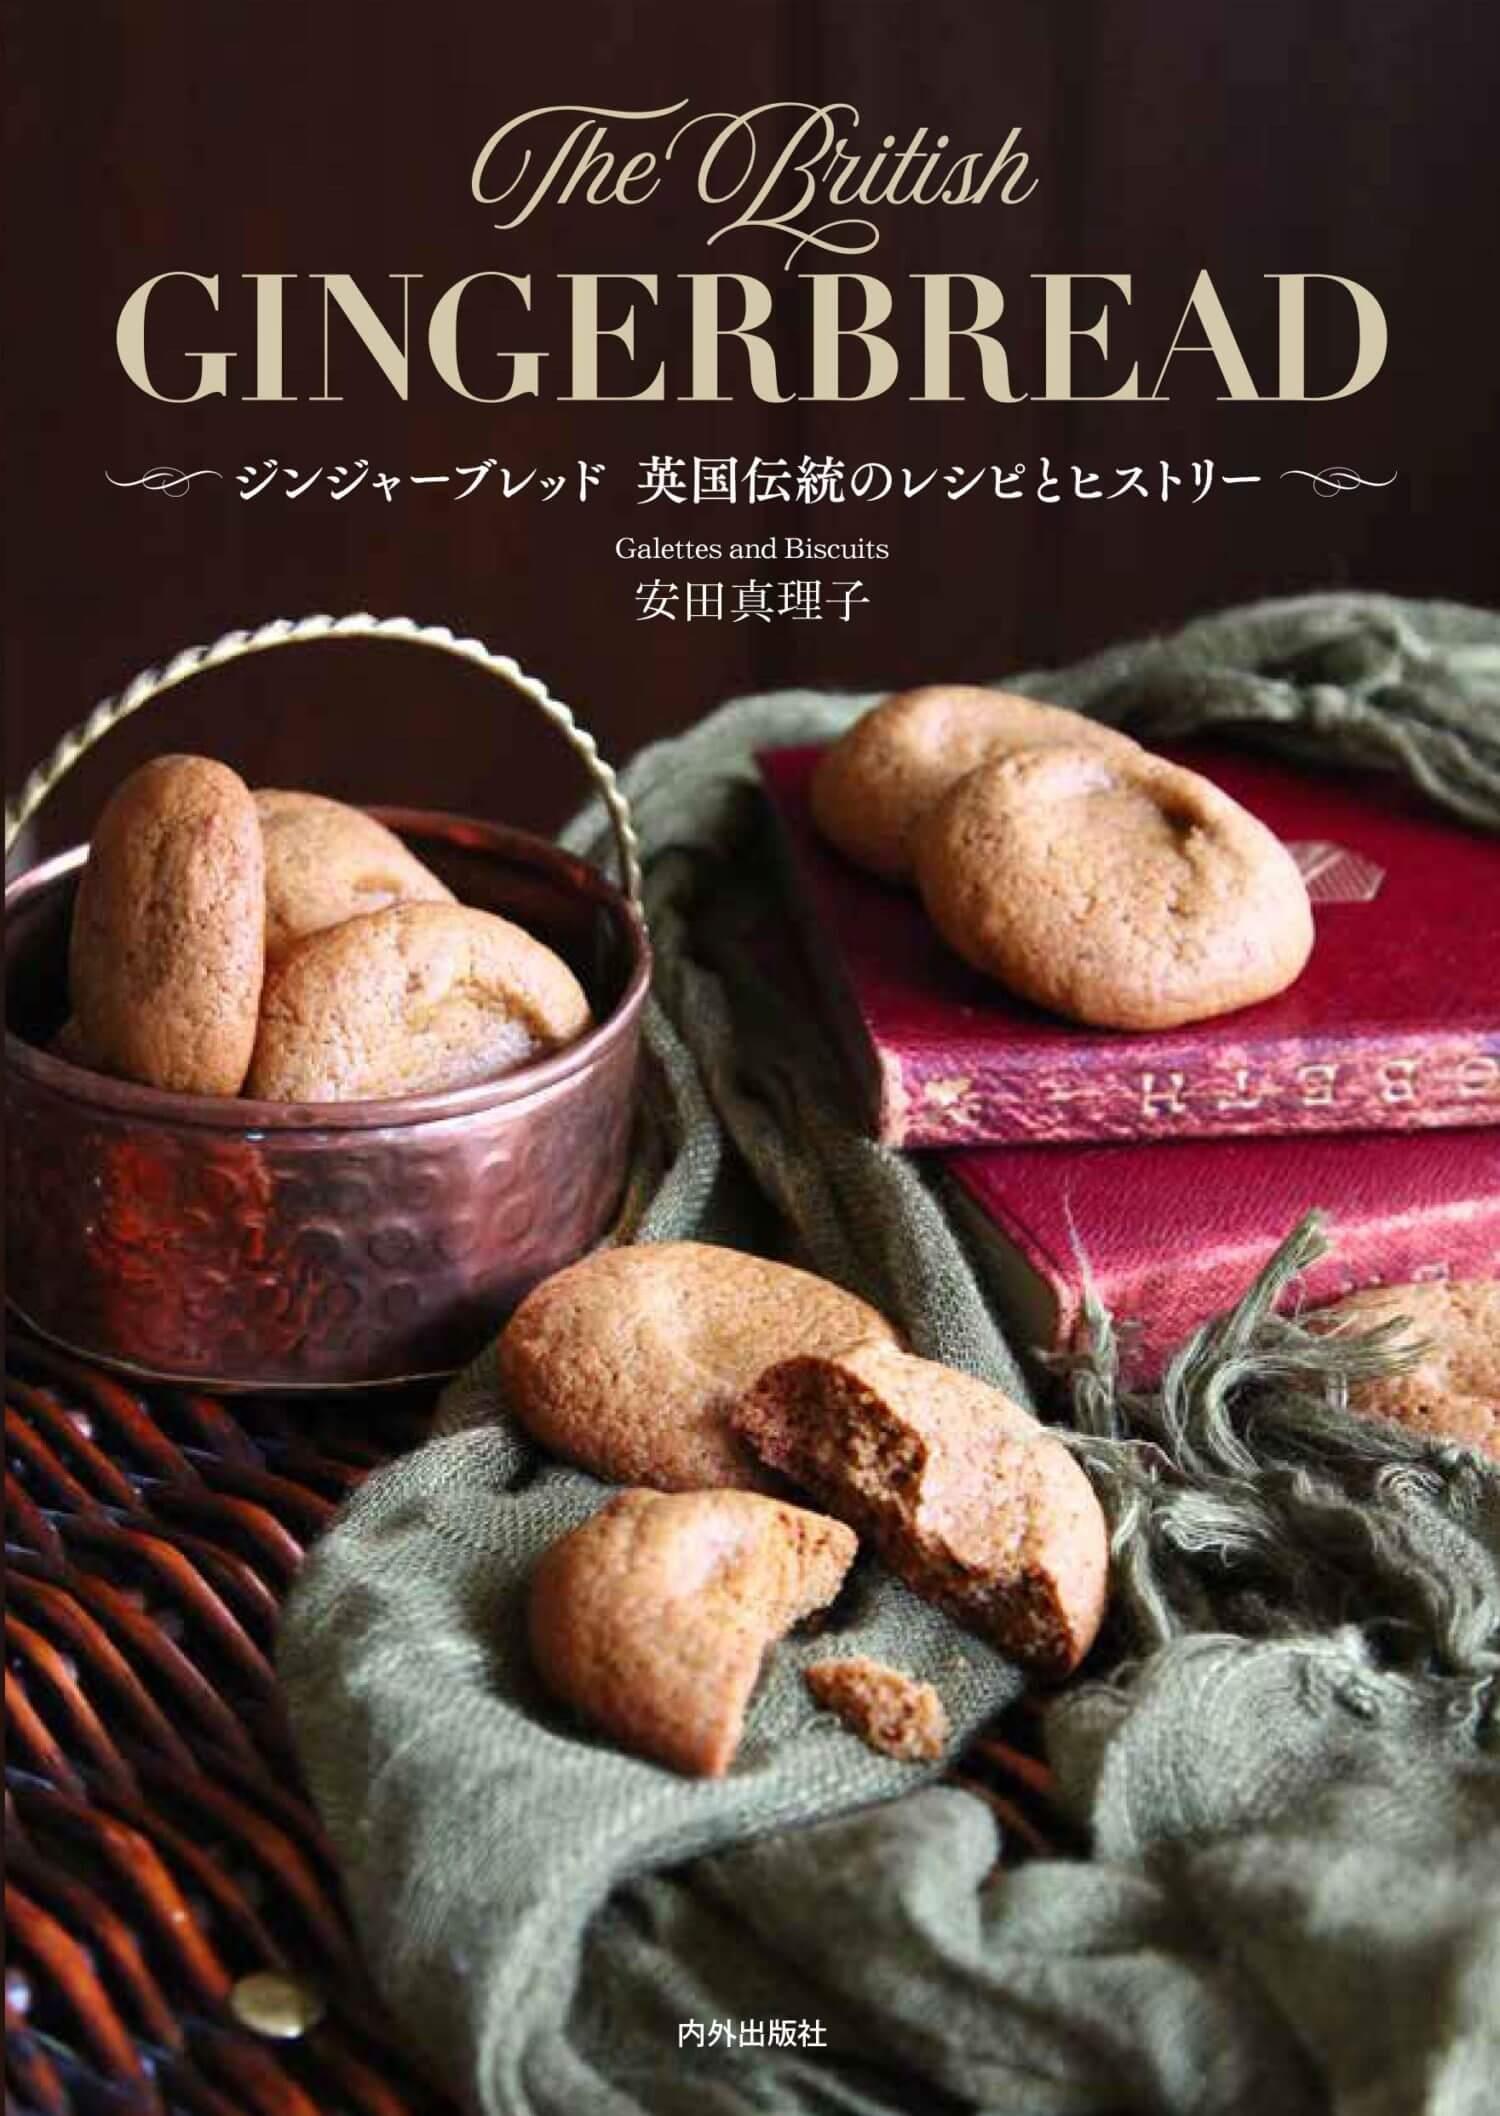 『ジンジャーブレッド 英国伝統のレシピとヒストリー』書影